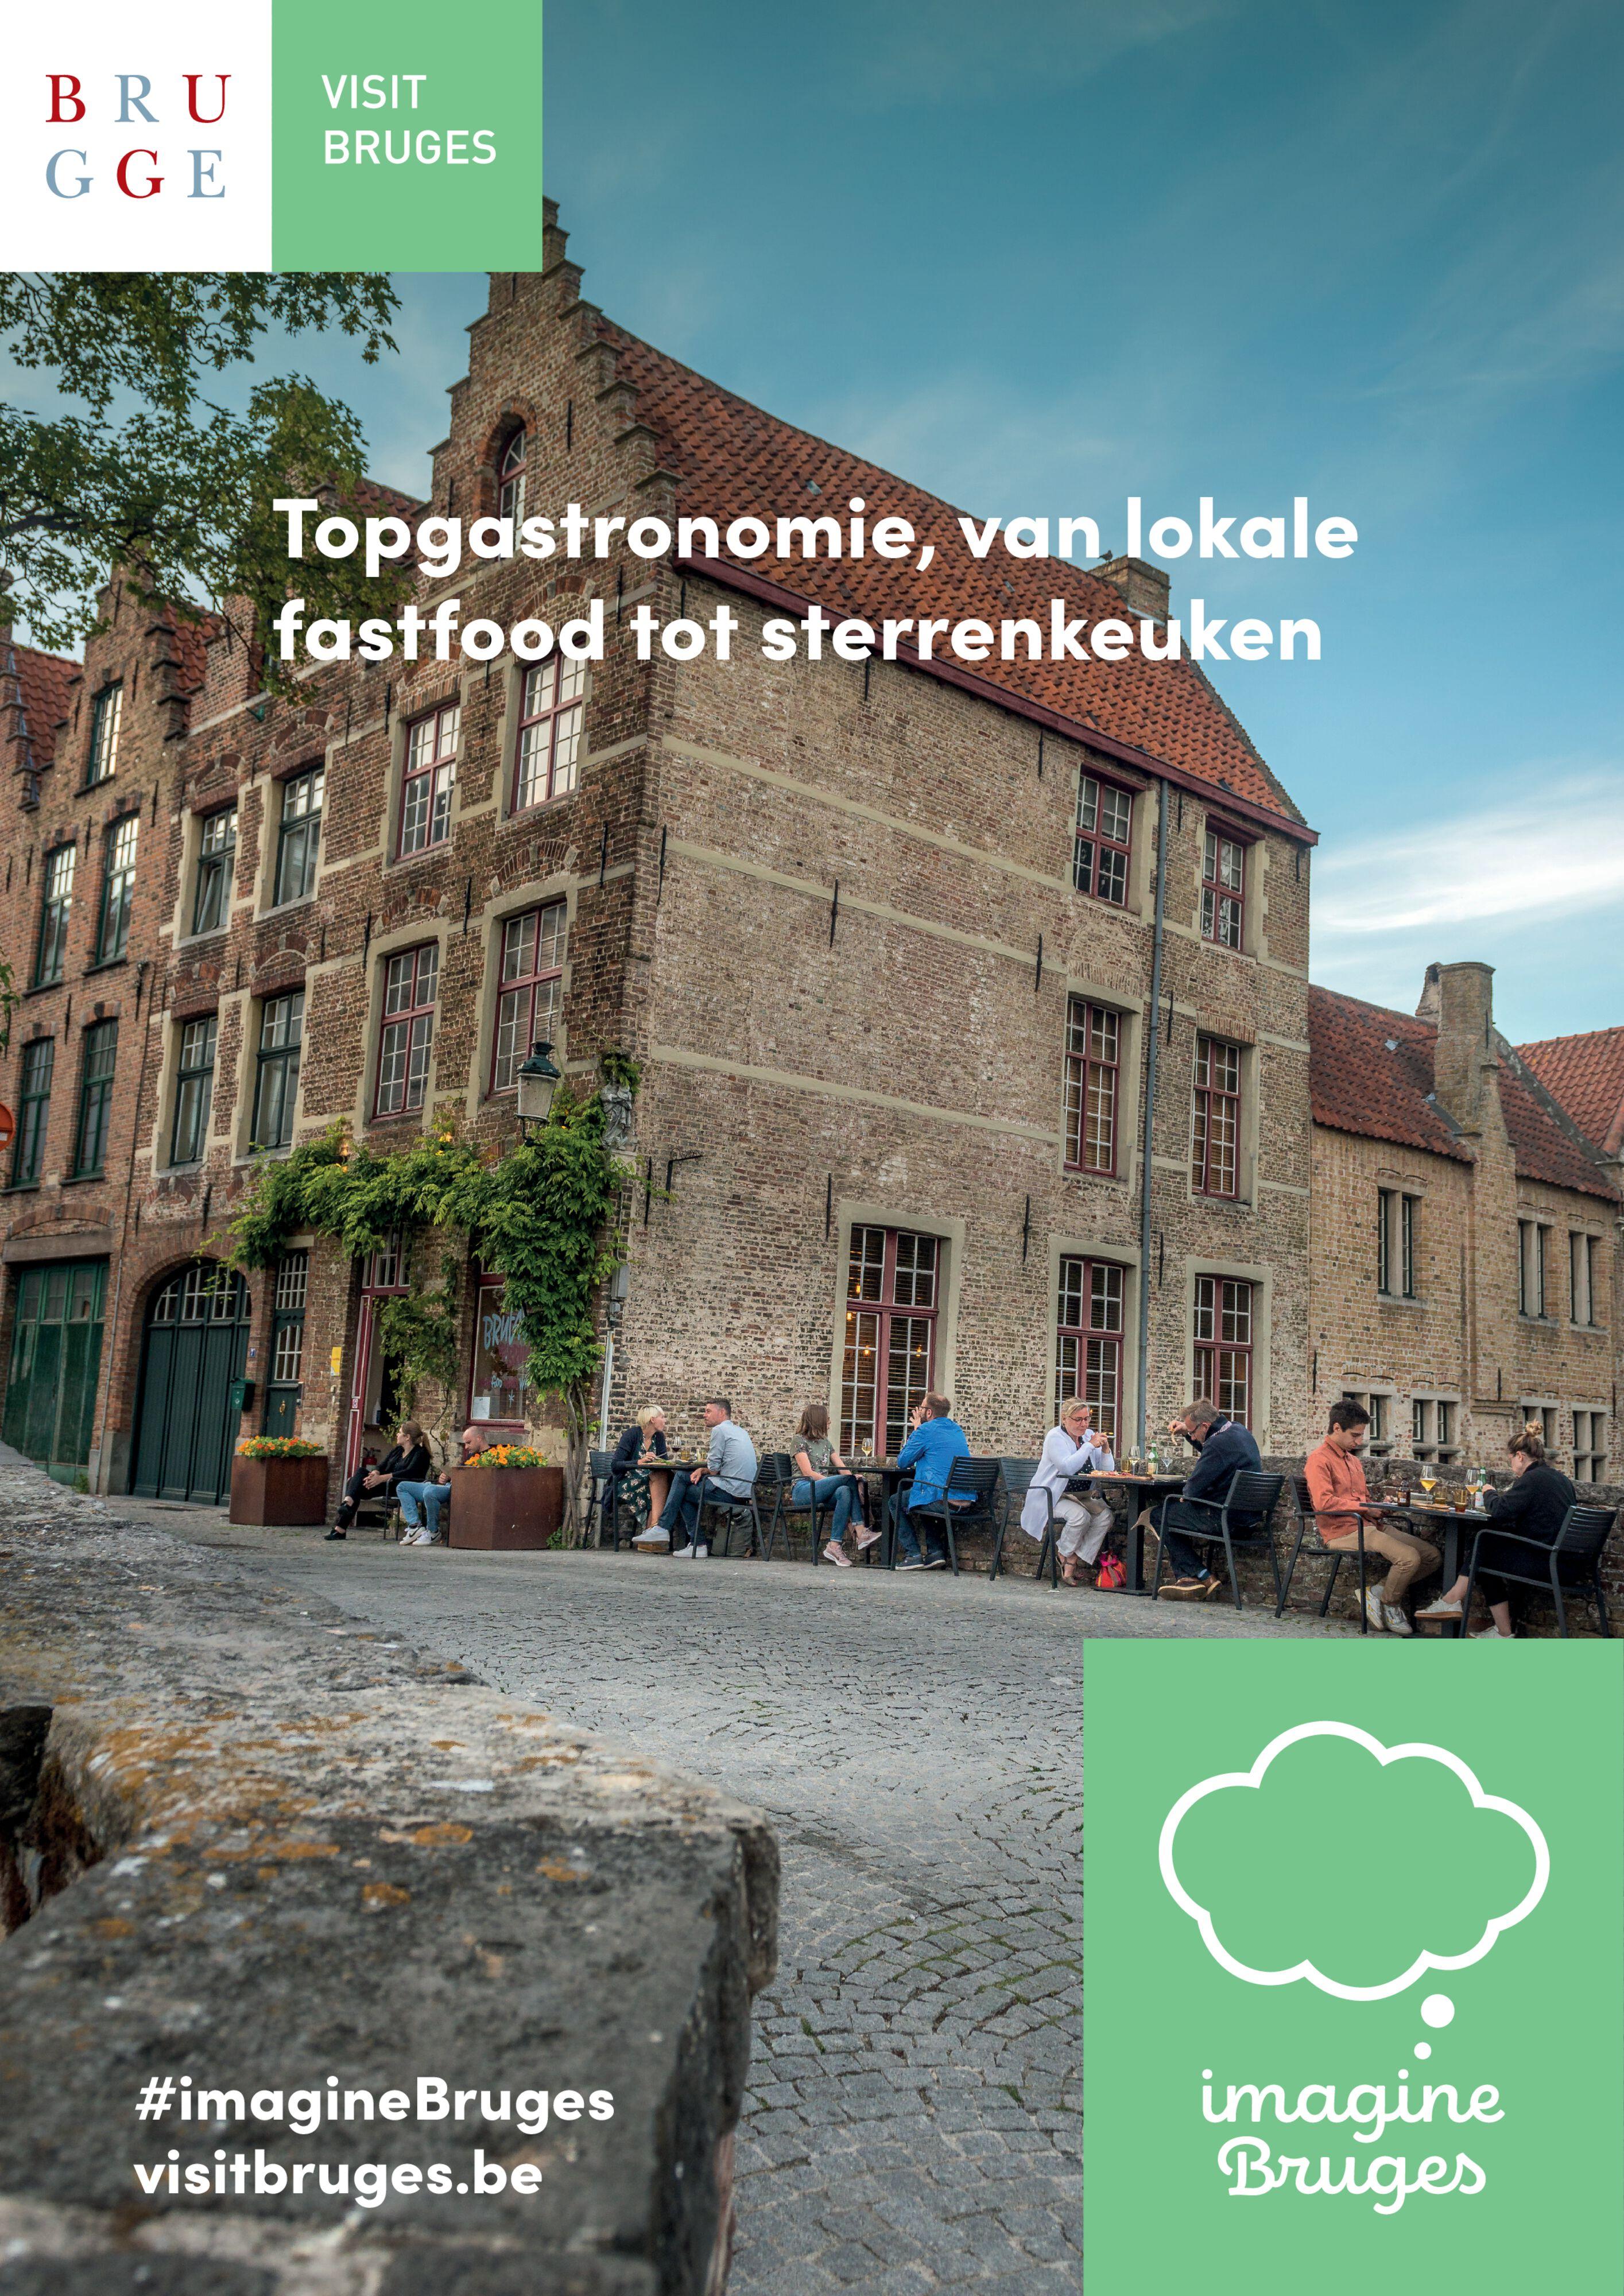 Imagine Bruges | Campagnebeeld